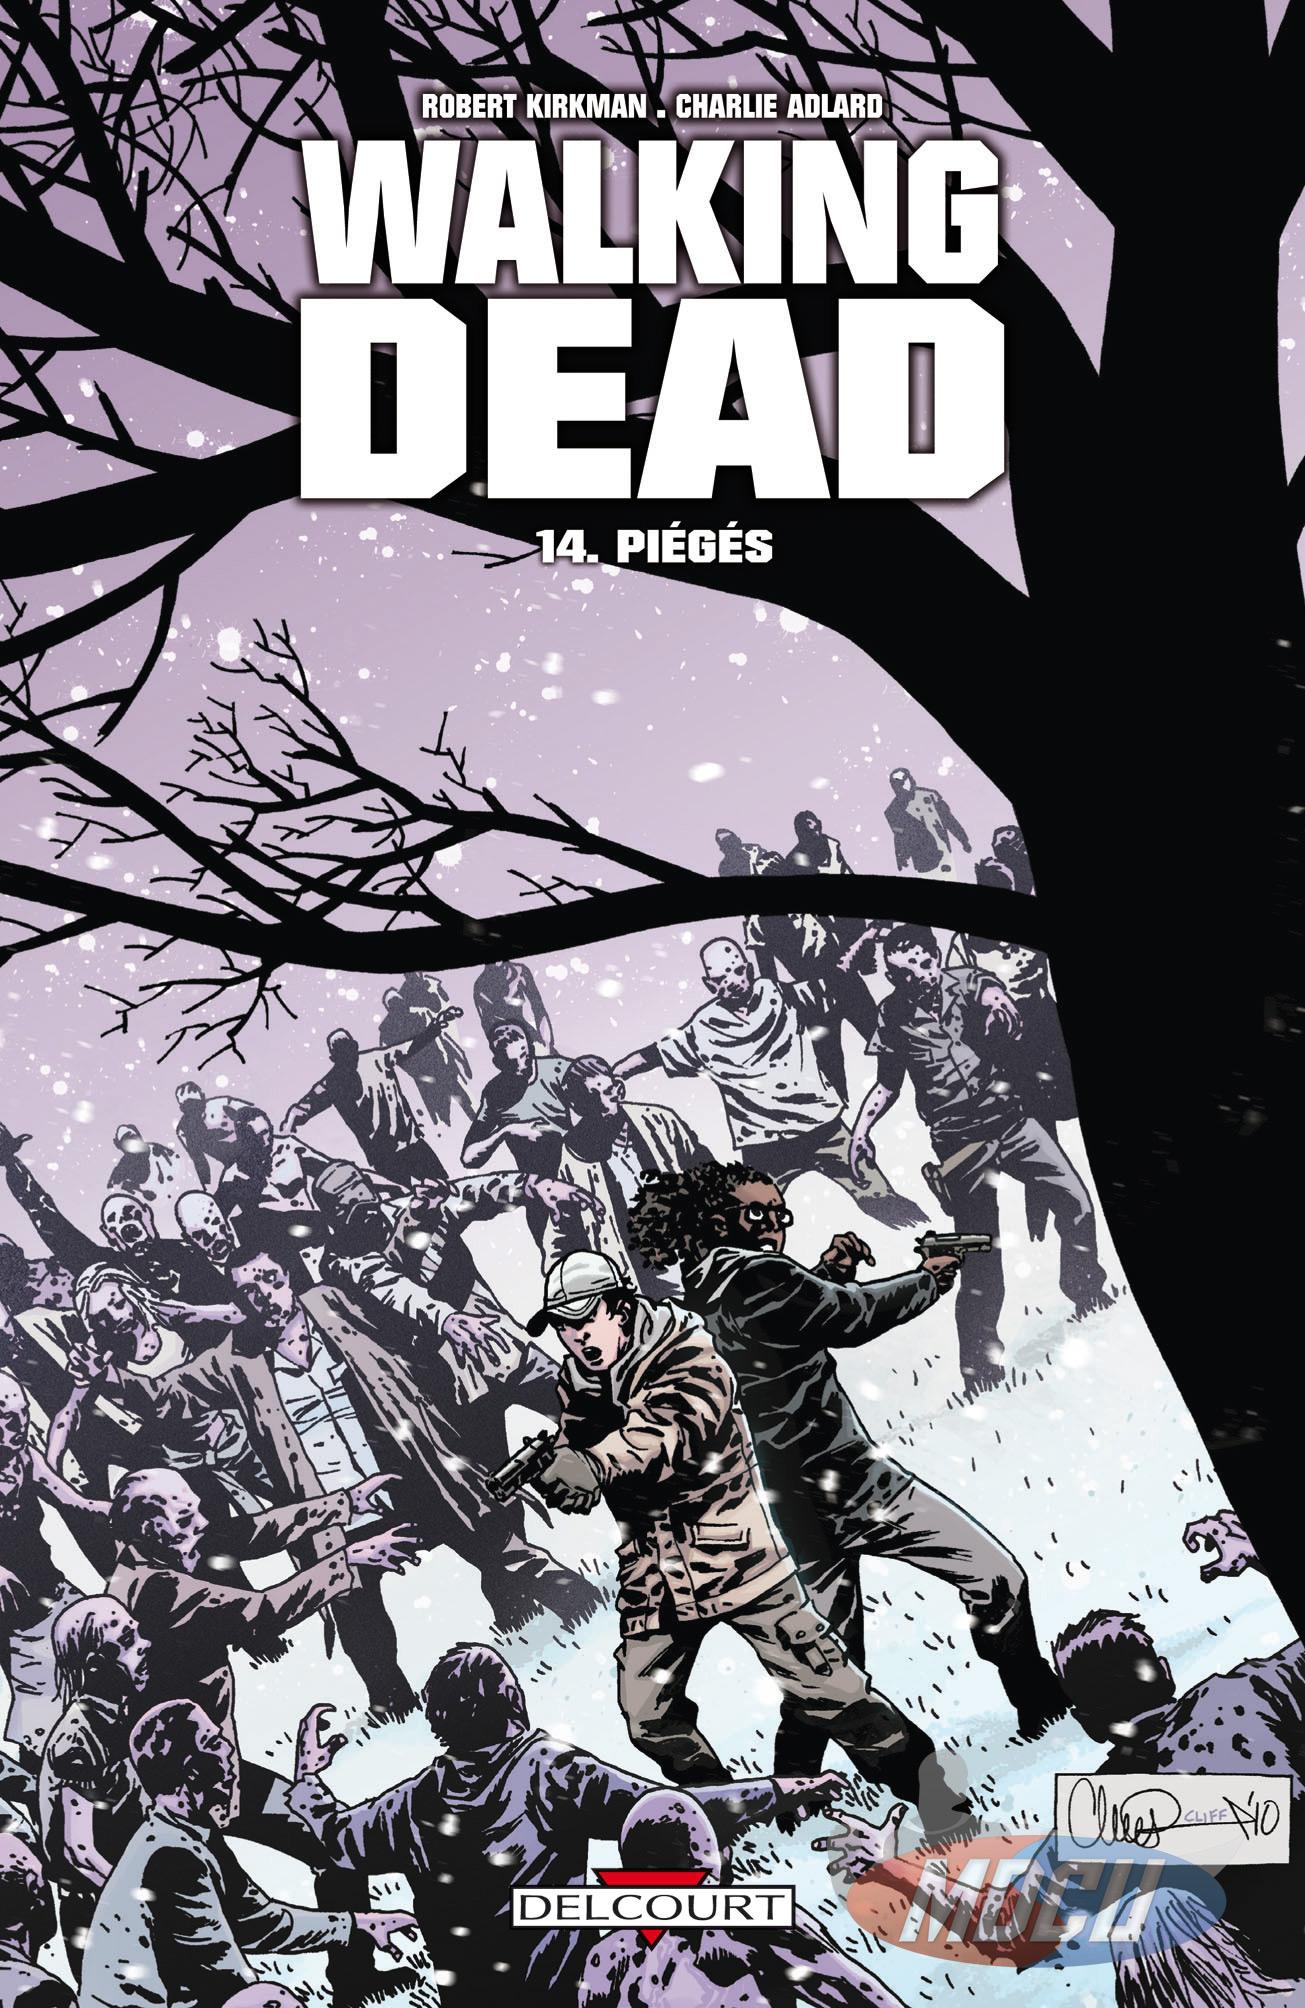 Walking Dead 14 - Piégés